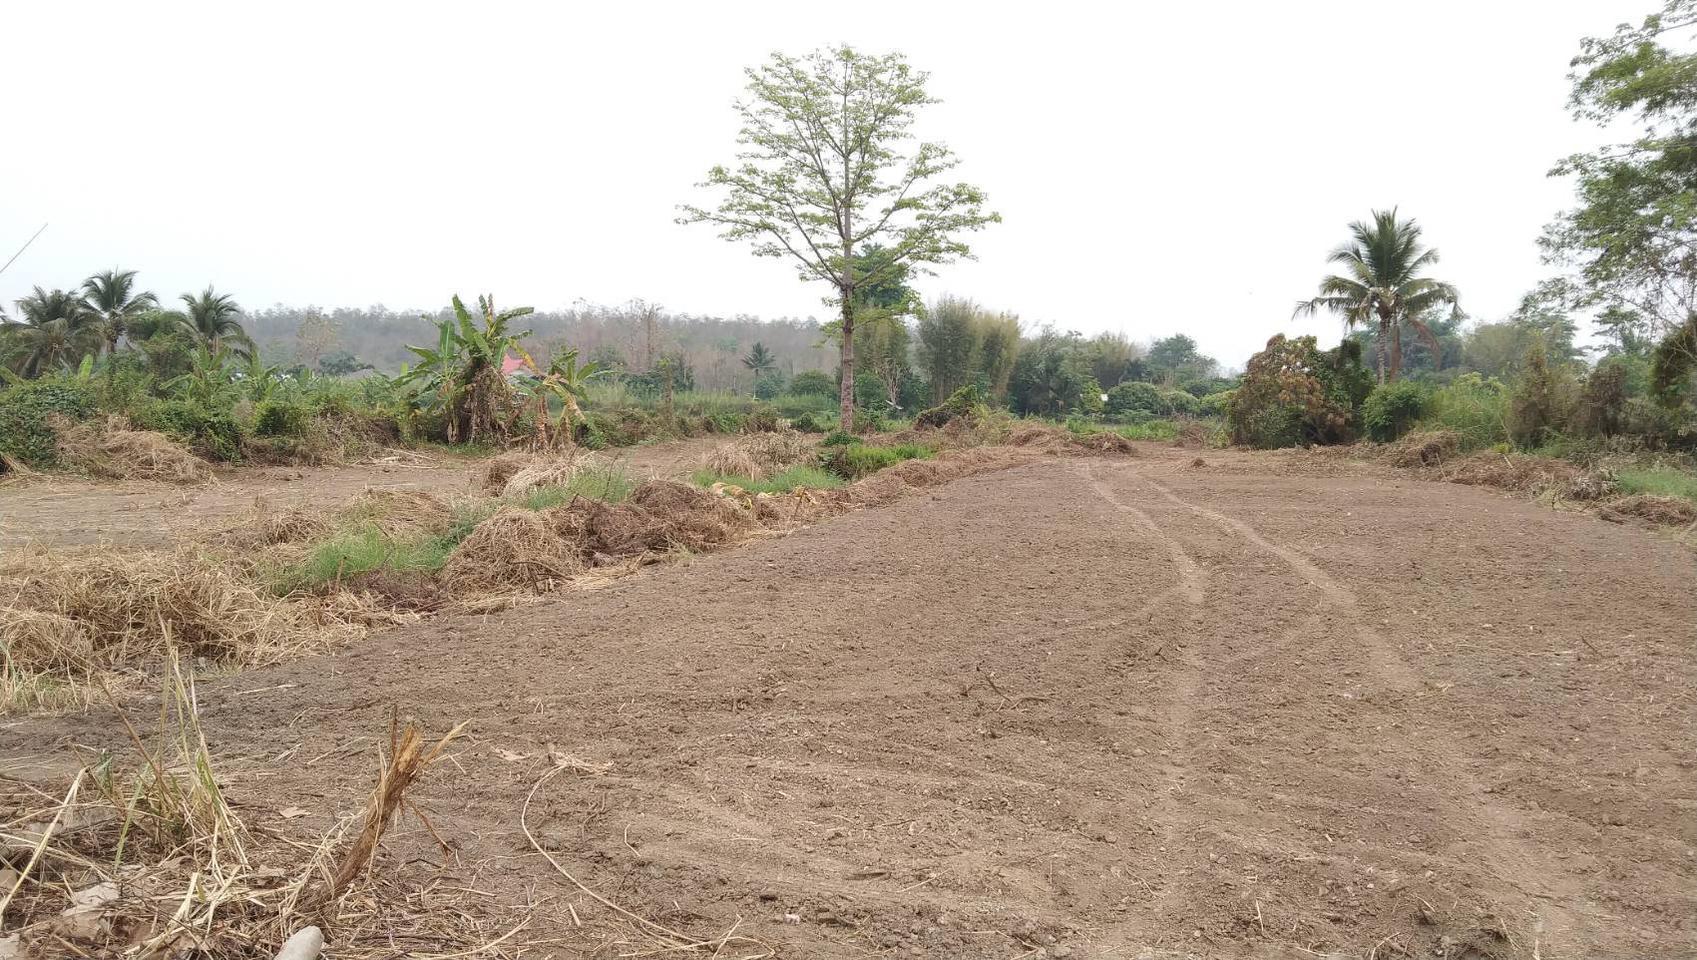 ขายที่ดิน สำหรับที่อยู่อาศัย และทำการเกษตร รูปที่ 1